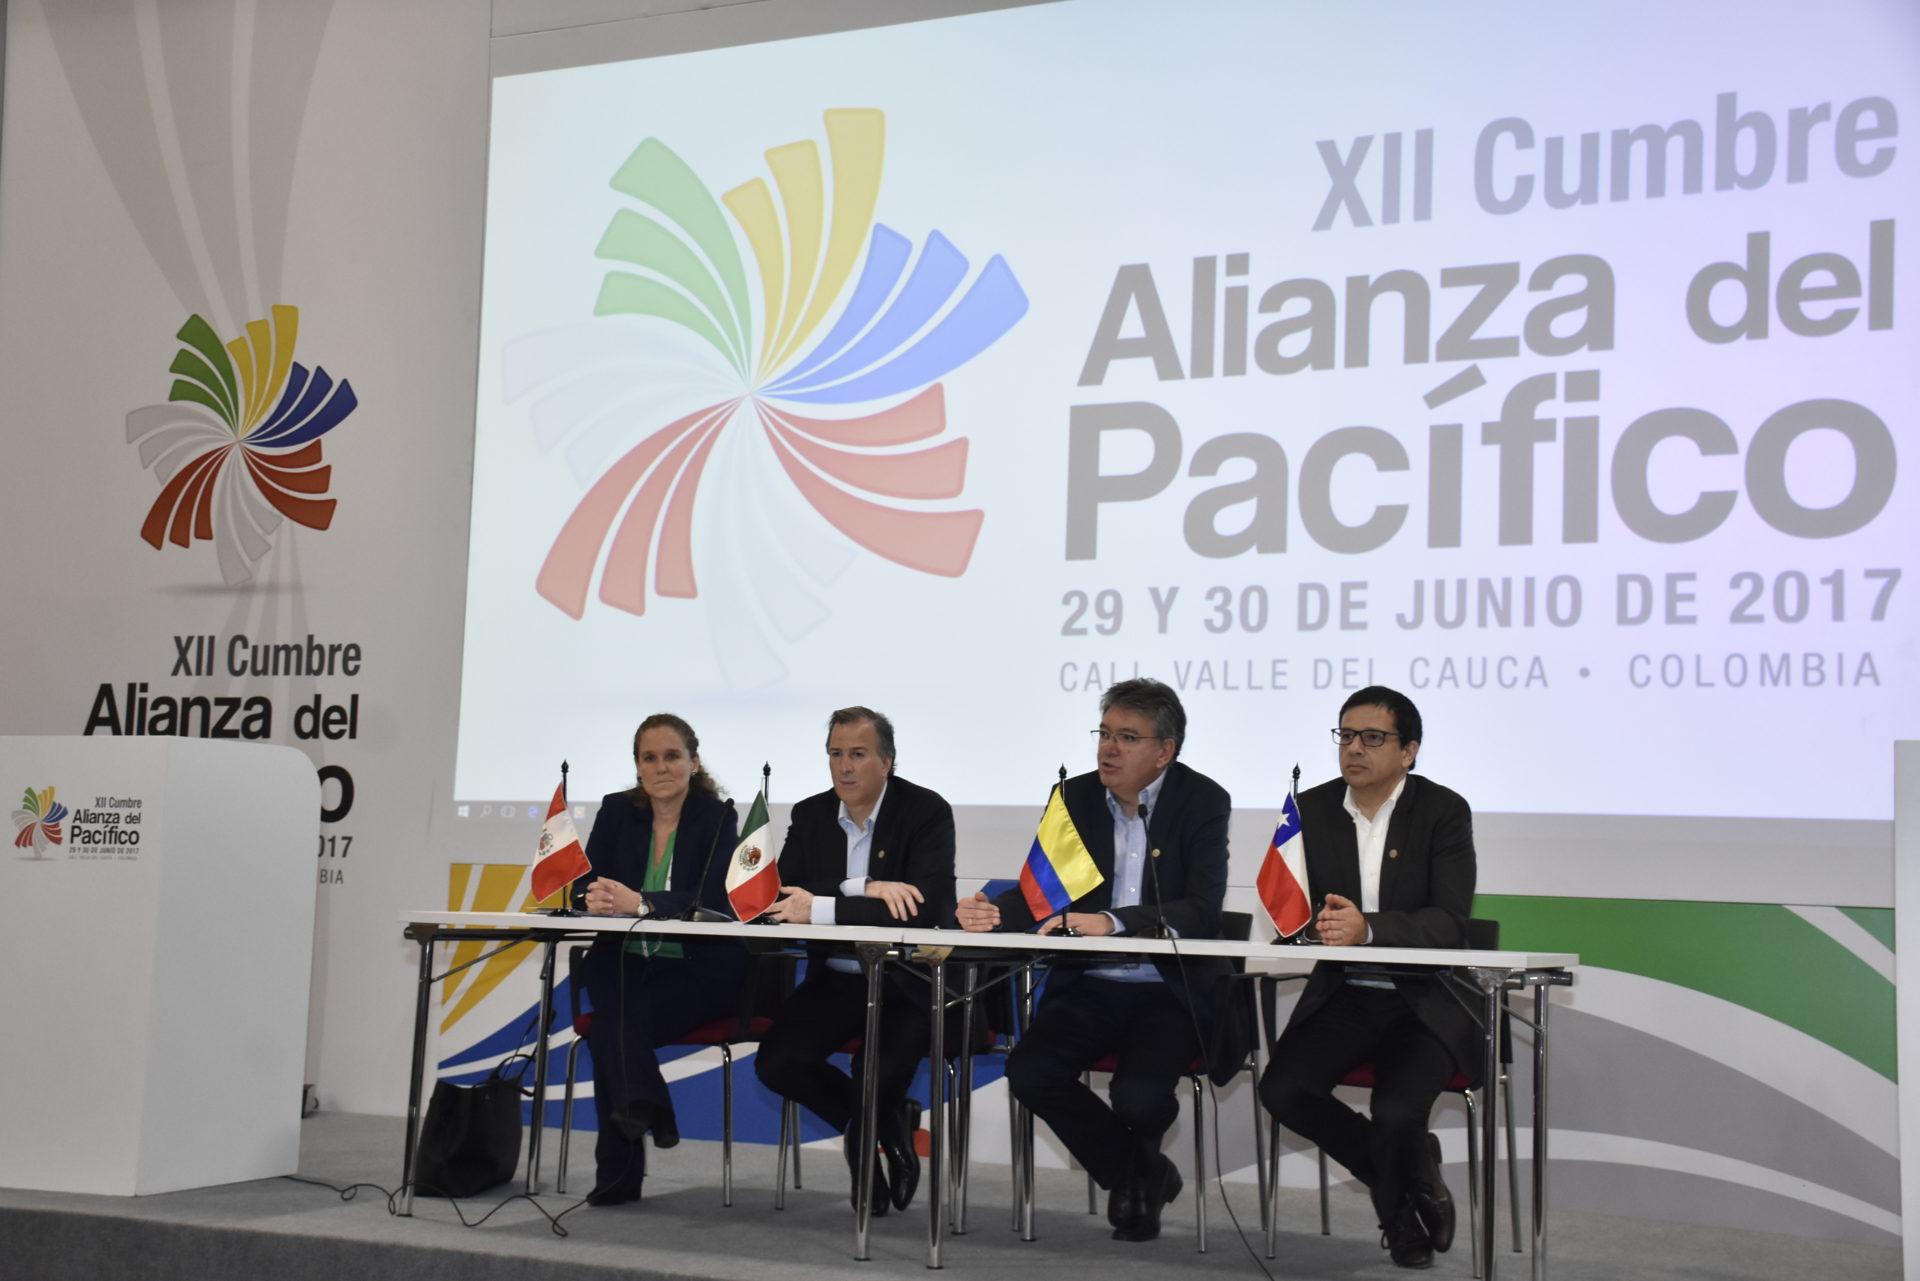 Fotografía de los ministros de Economía de Chile, Colombia, México y Perú en Cumbre Alianza del Pacífico en Colombia